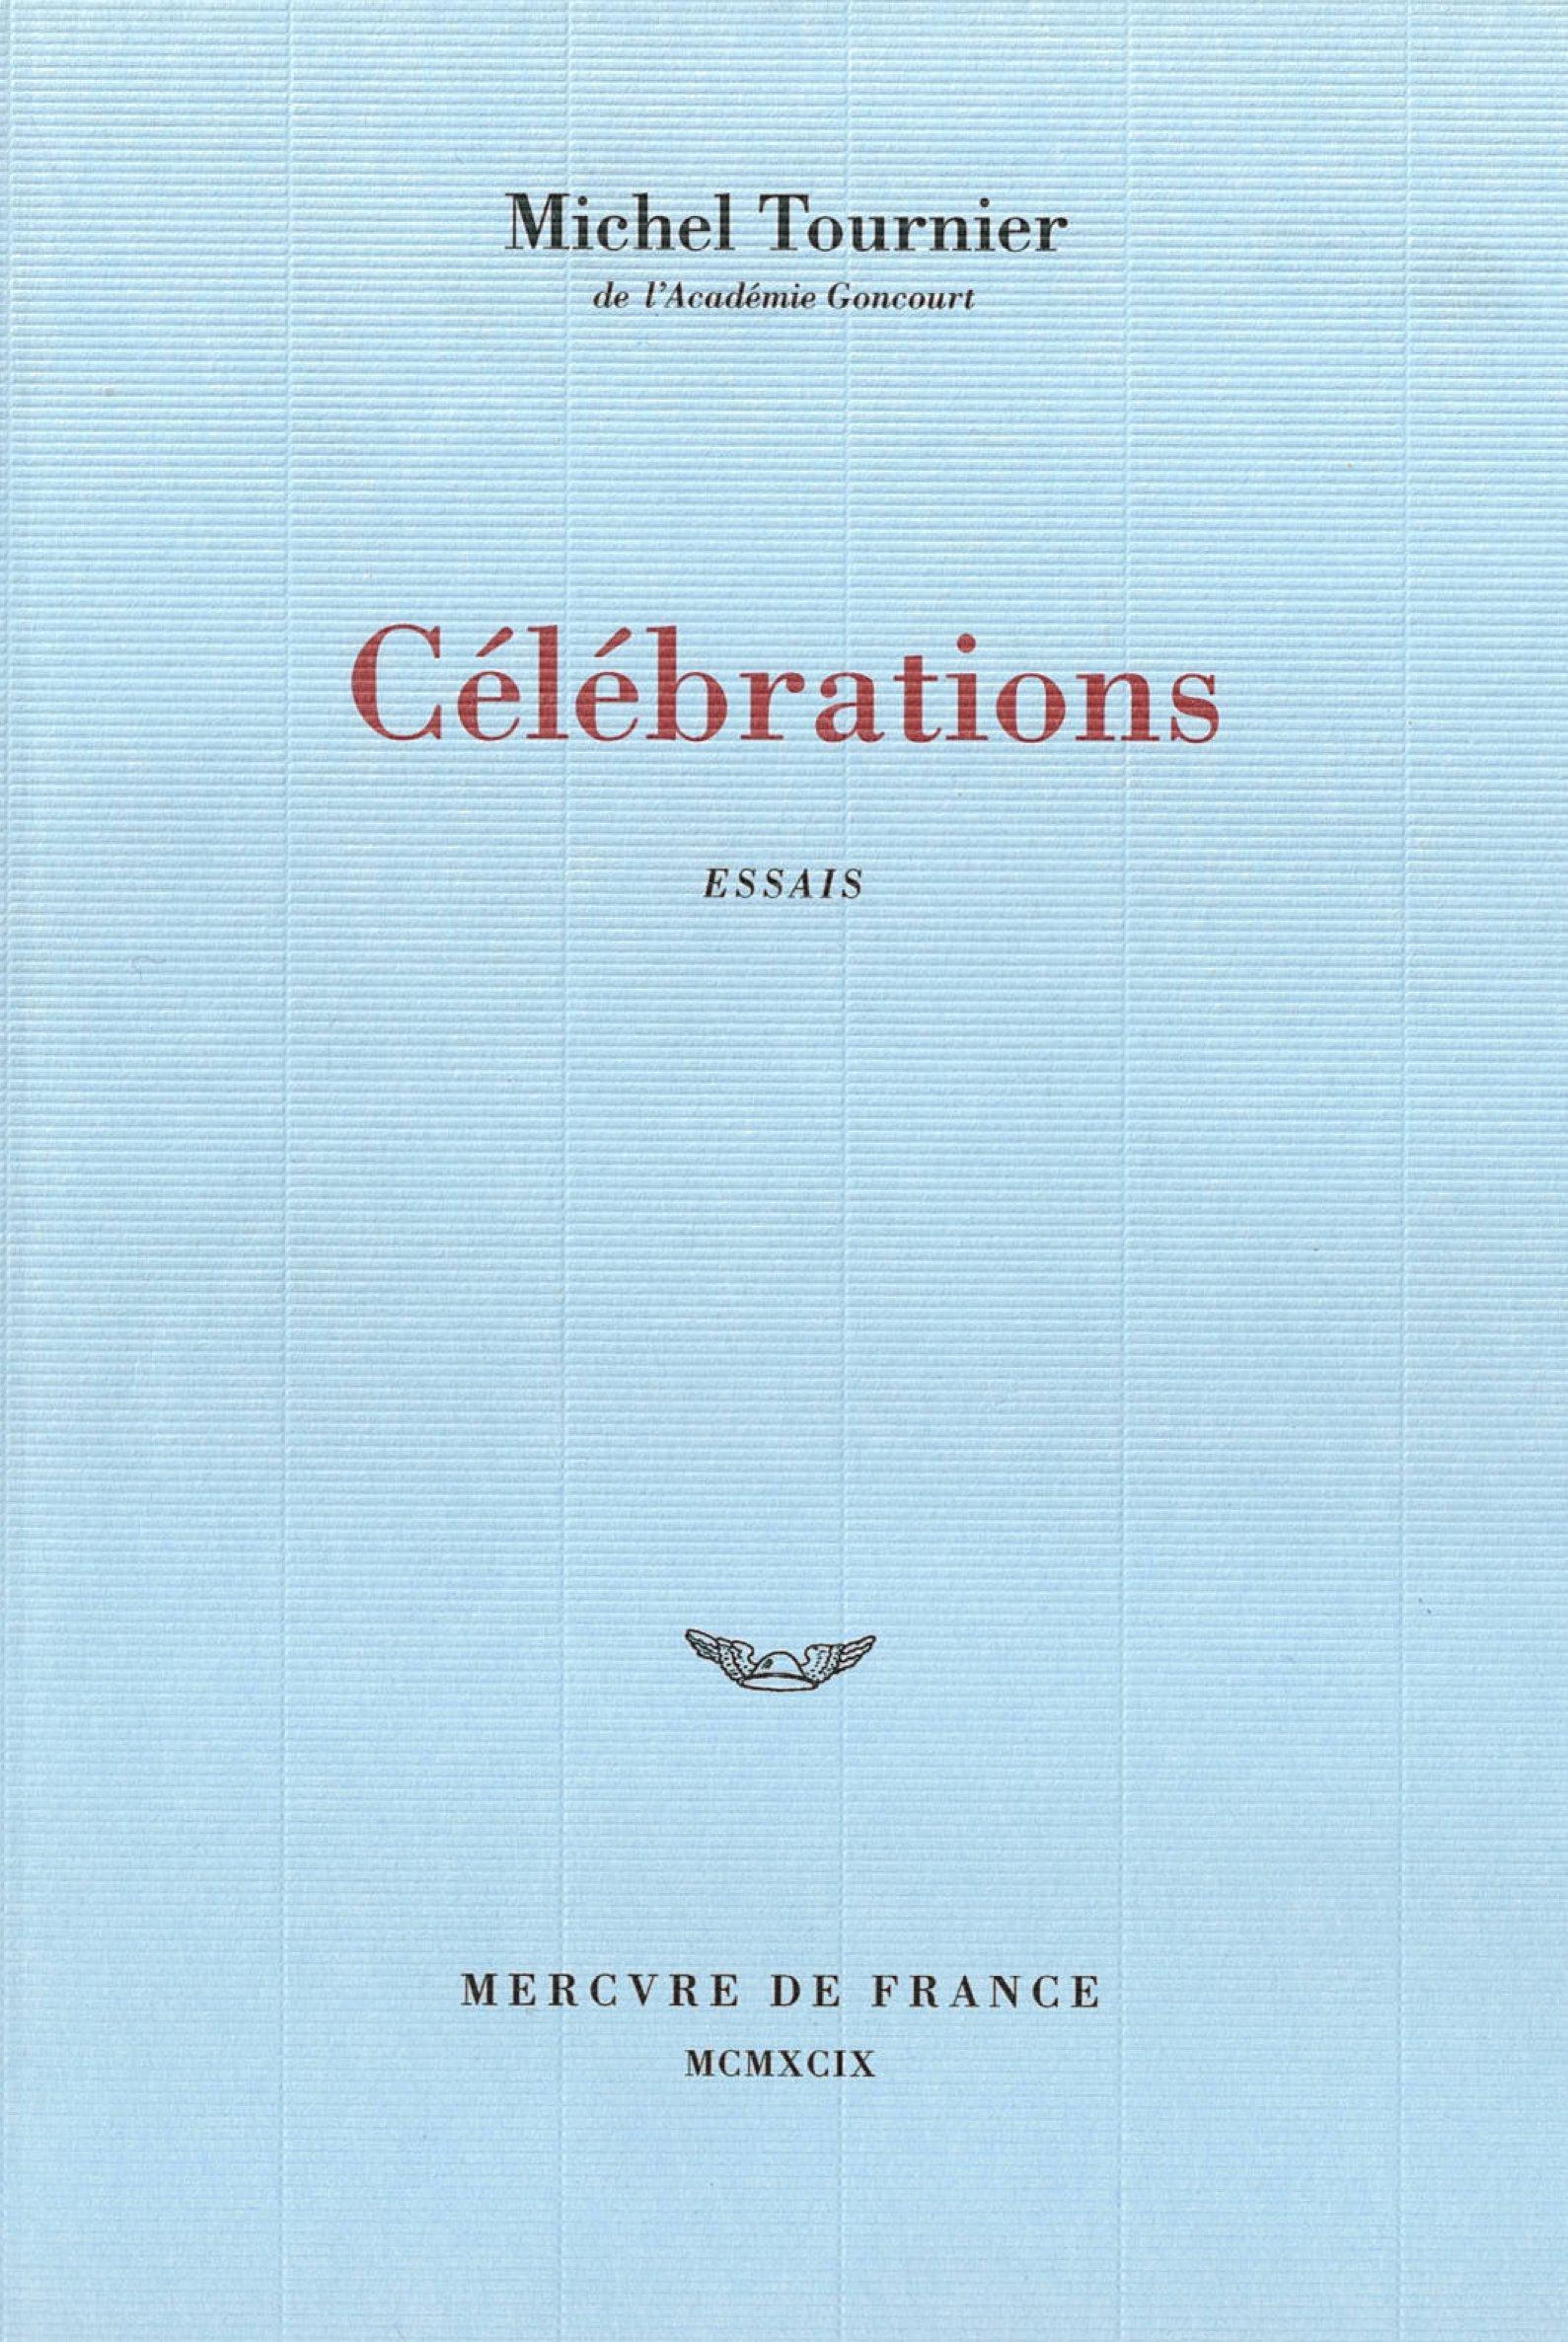 Célébrations